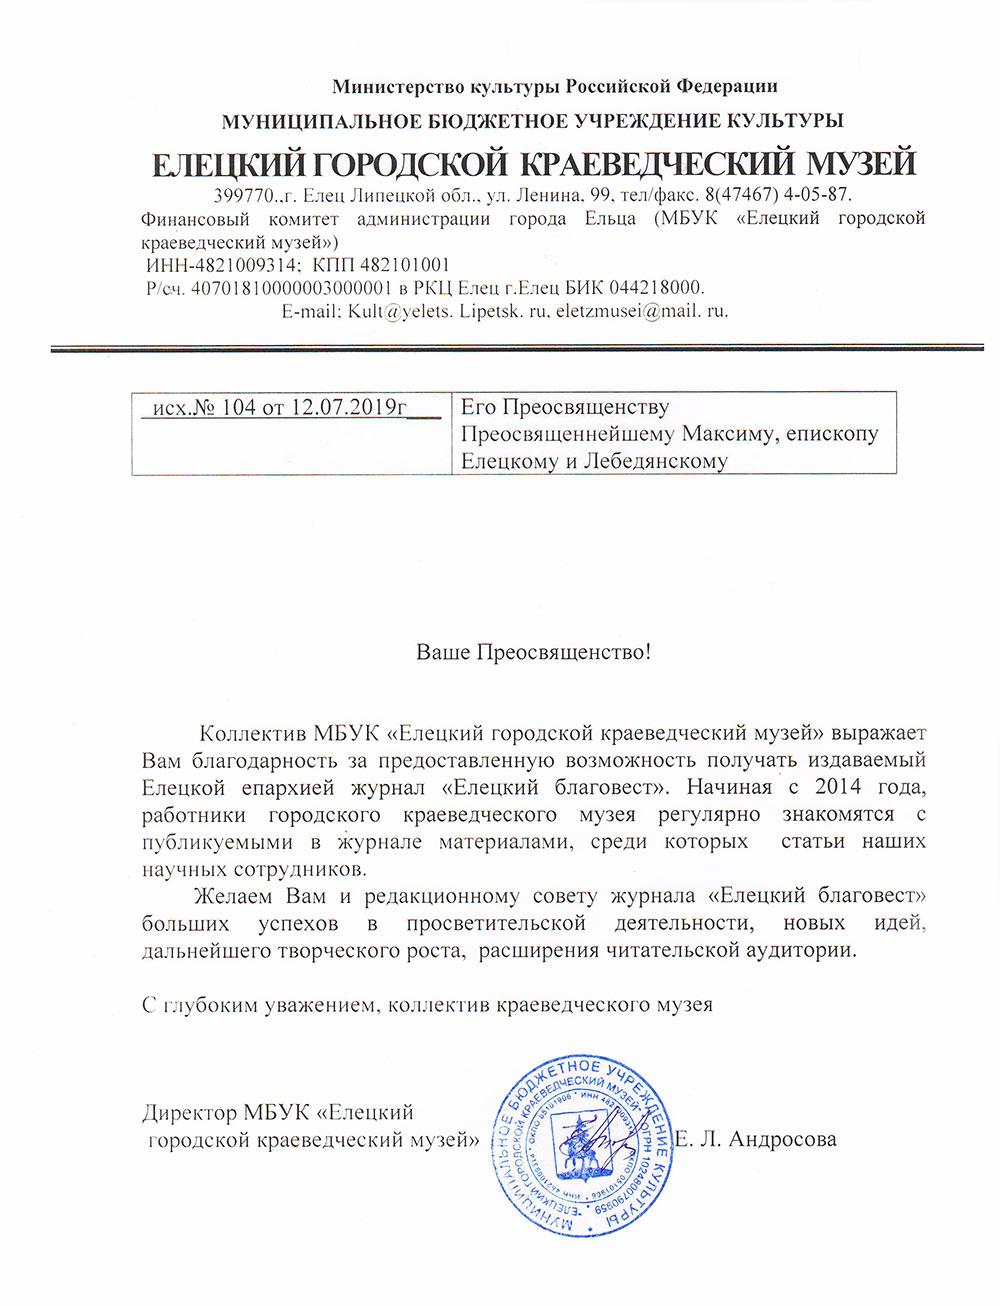 Благодарность епископу Максиму от коллектива МБУК «Елецкий городской краеведческий музей»